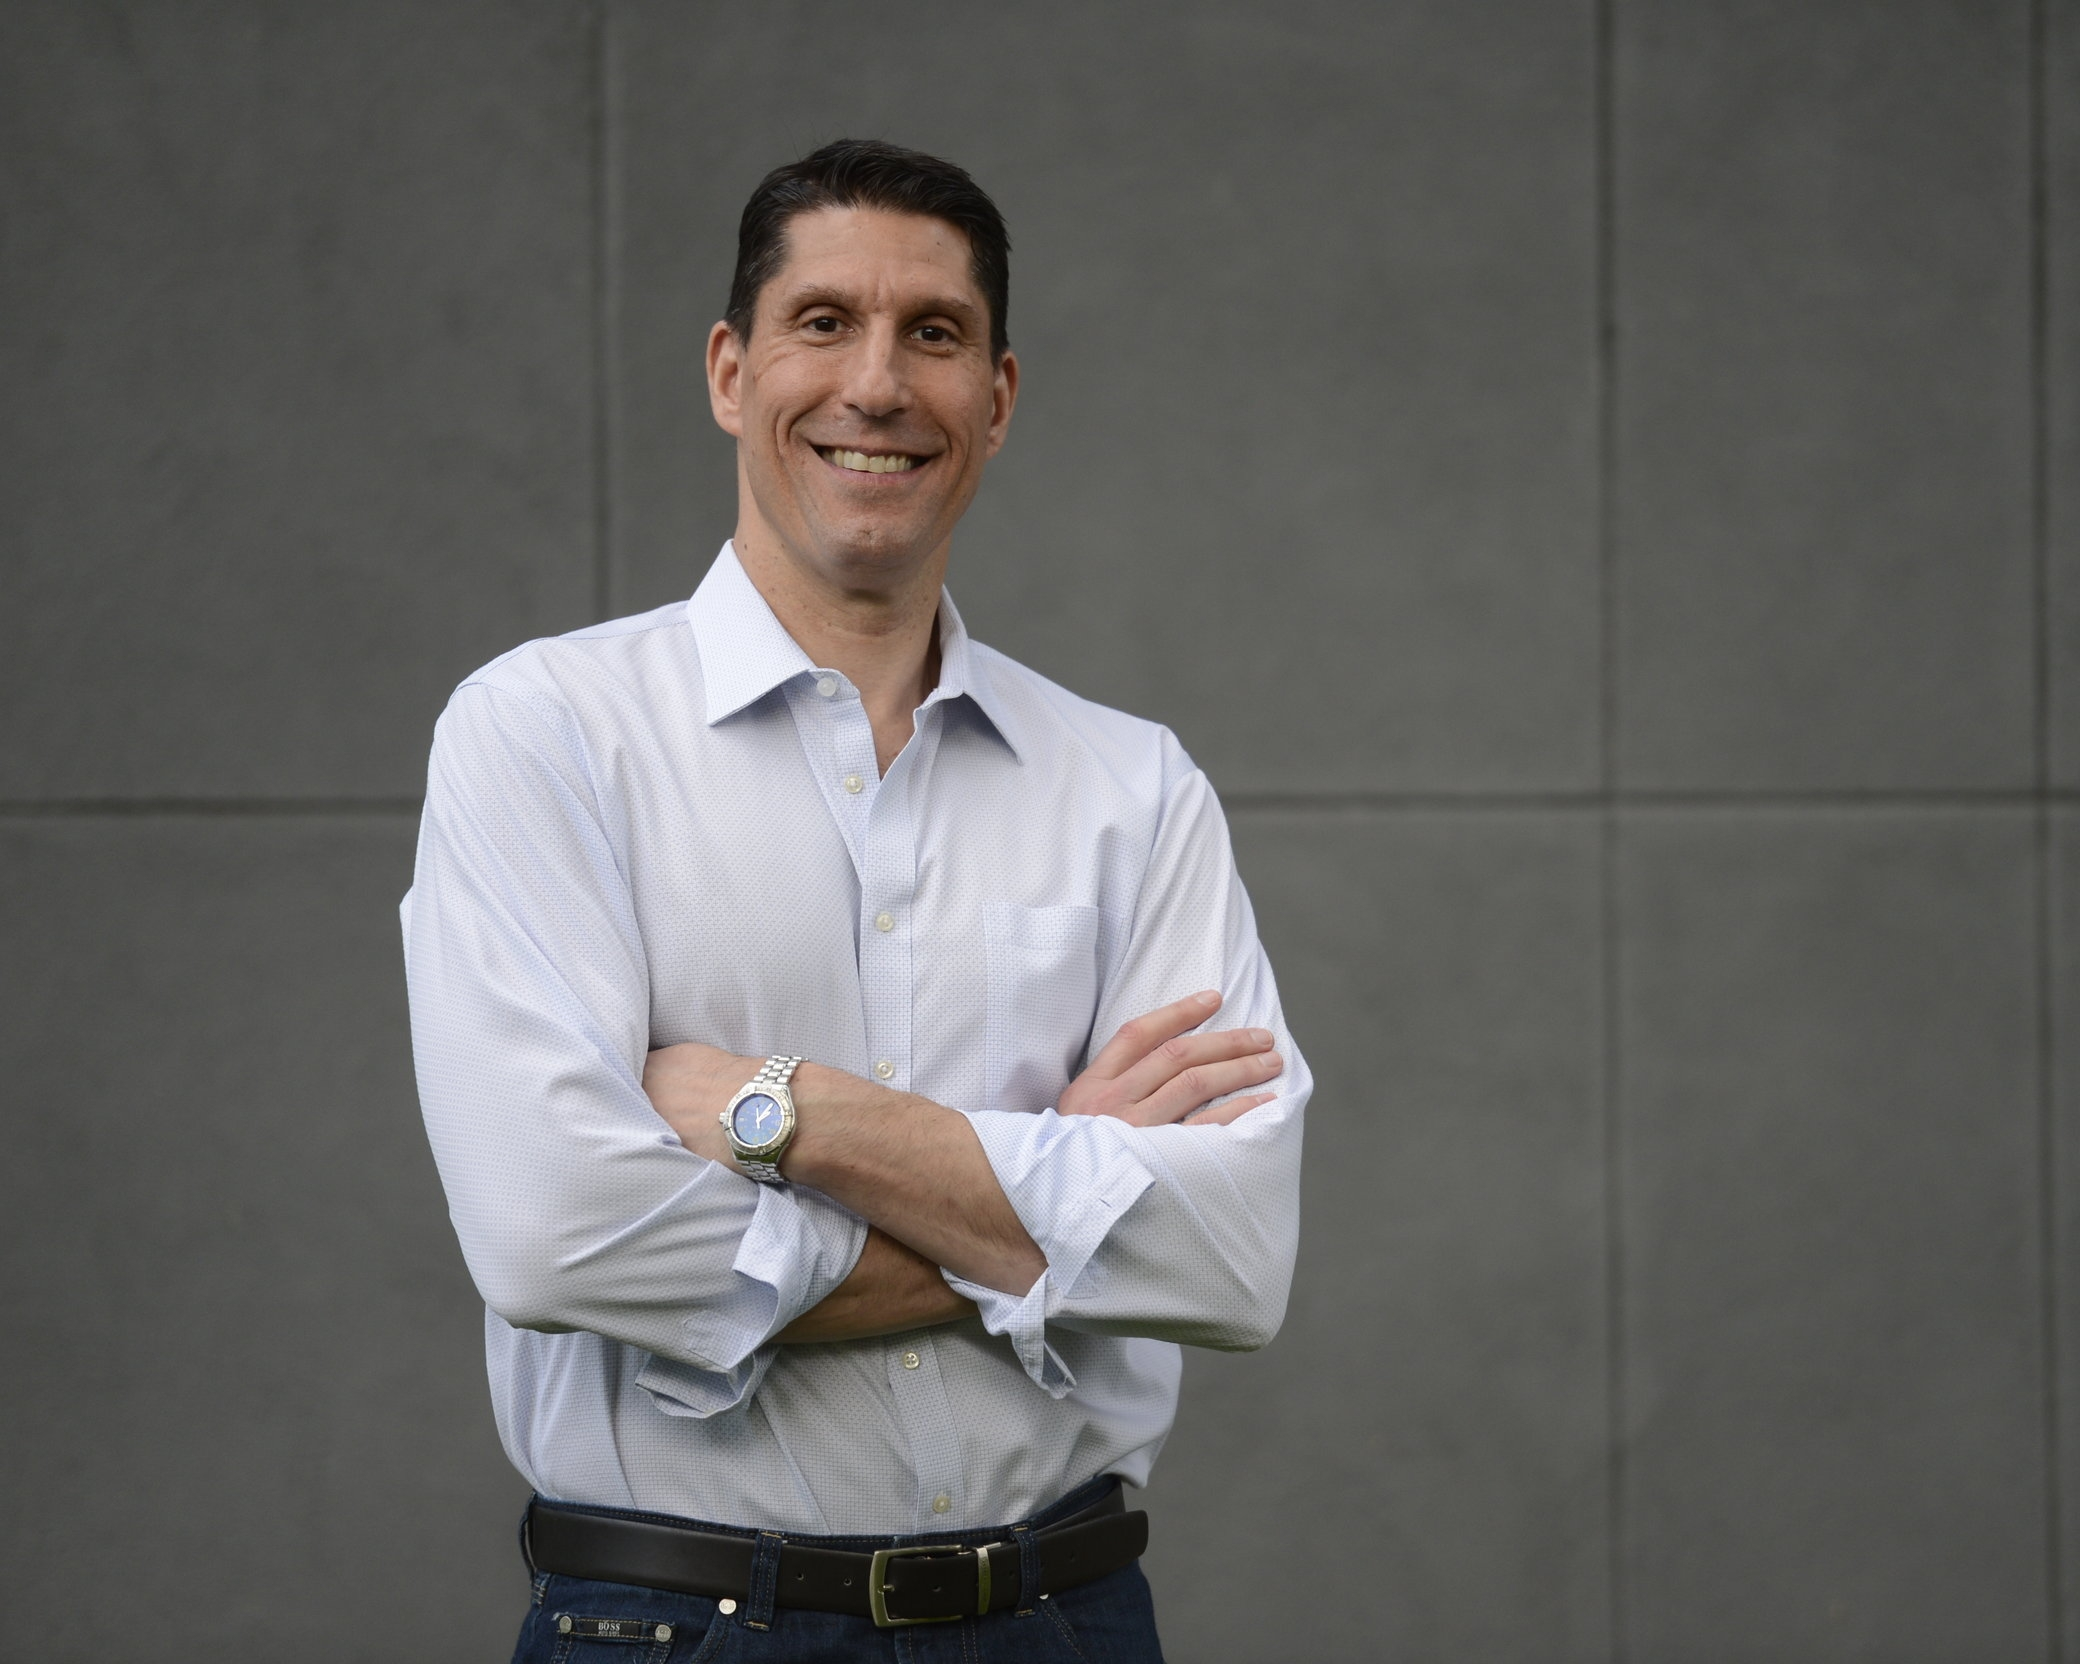 Dr. Brett Axelrod, D.C. in NY